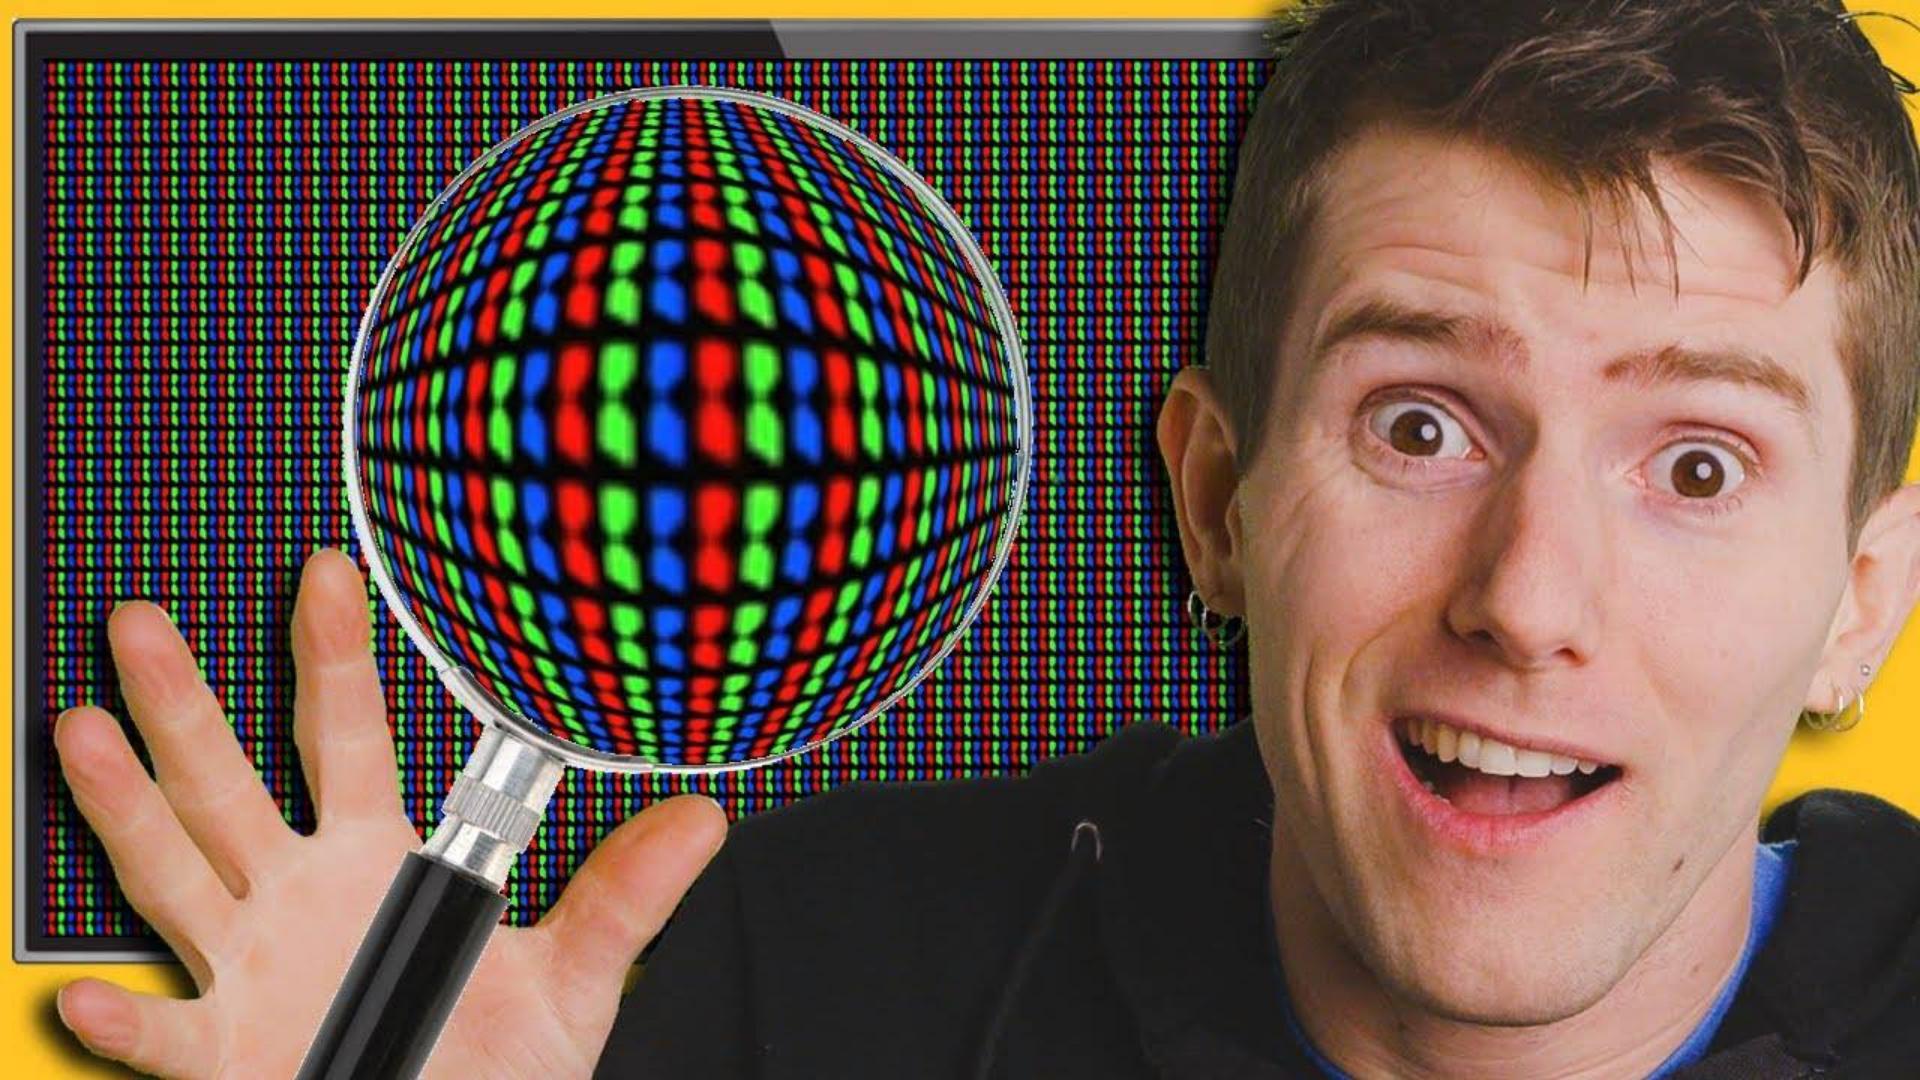 【官方双语】(mini-LED解明)这新电视 为啥重要? #电子速谈